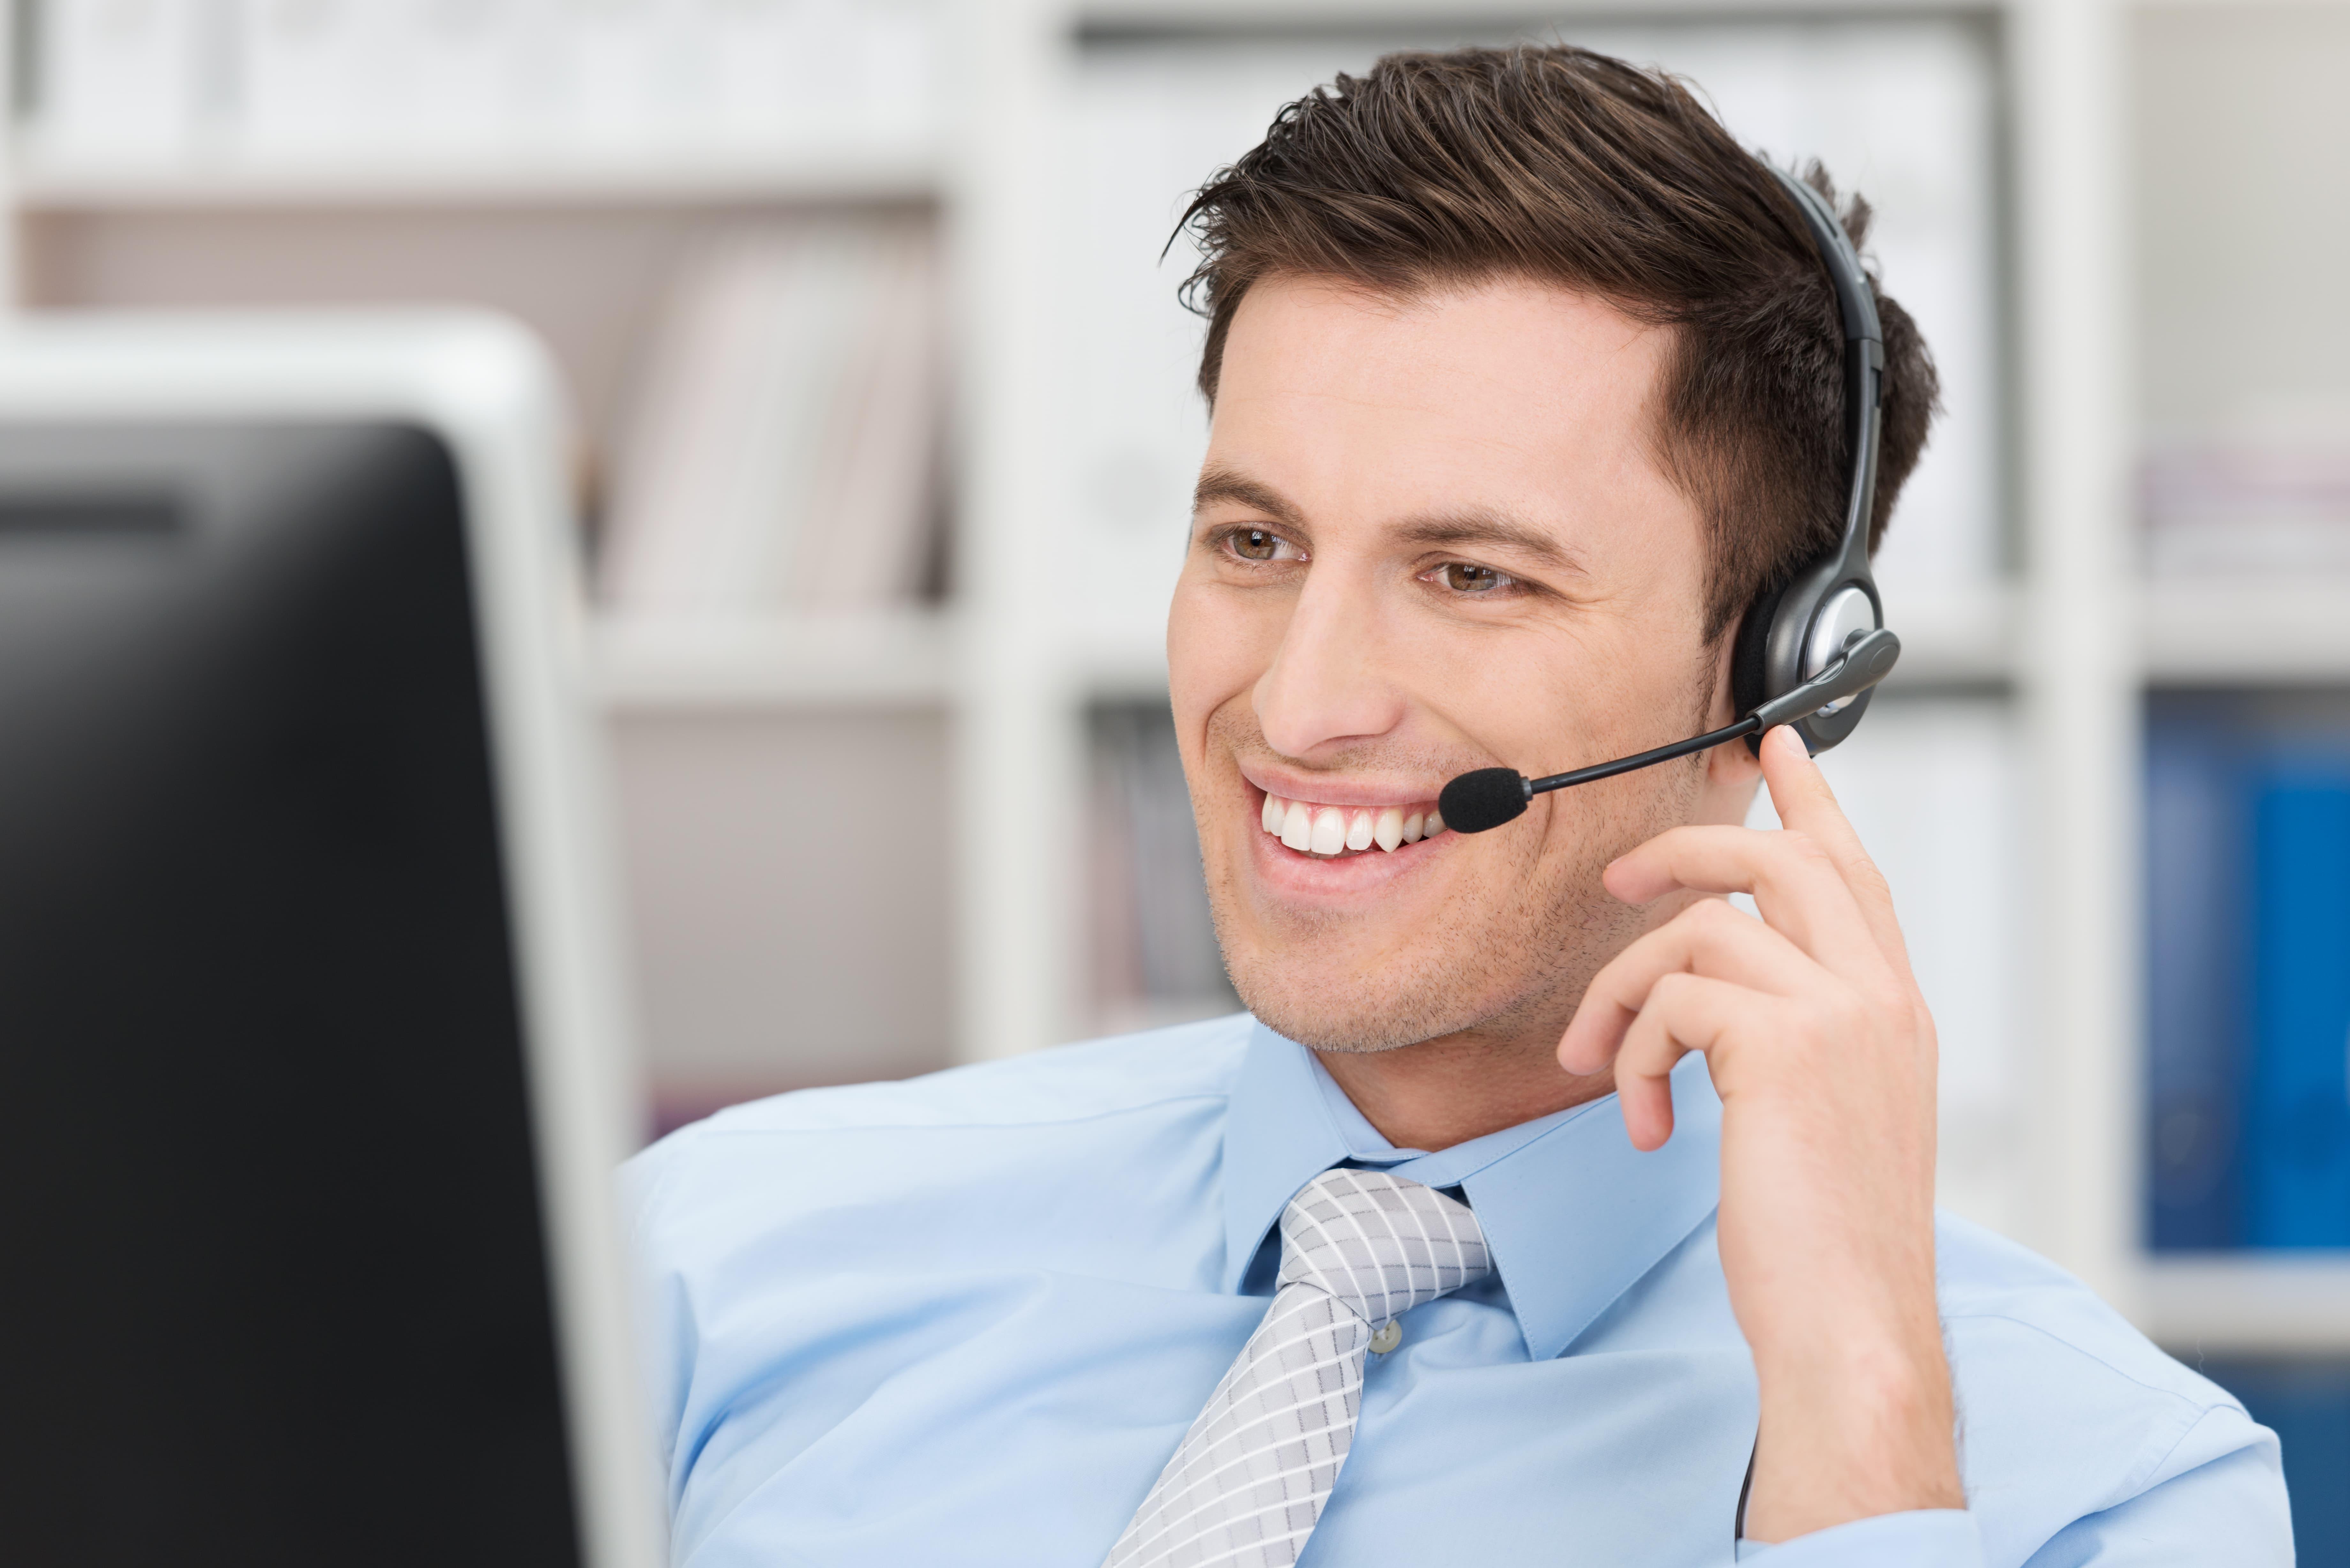 Une femme qui sourit et porte un casque d'écoute dans un bureau.